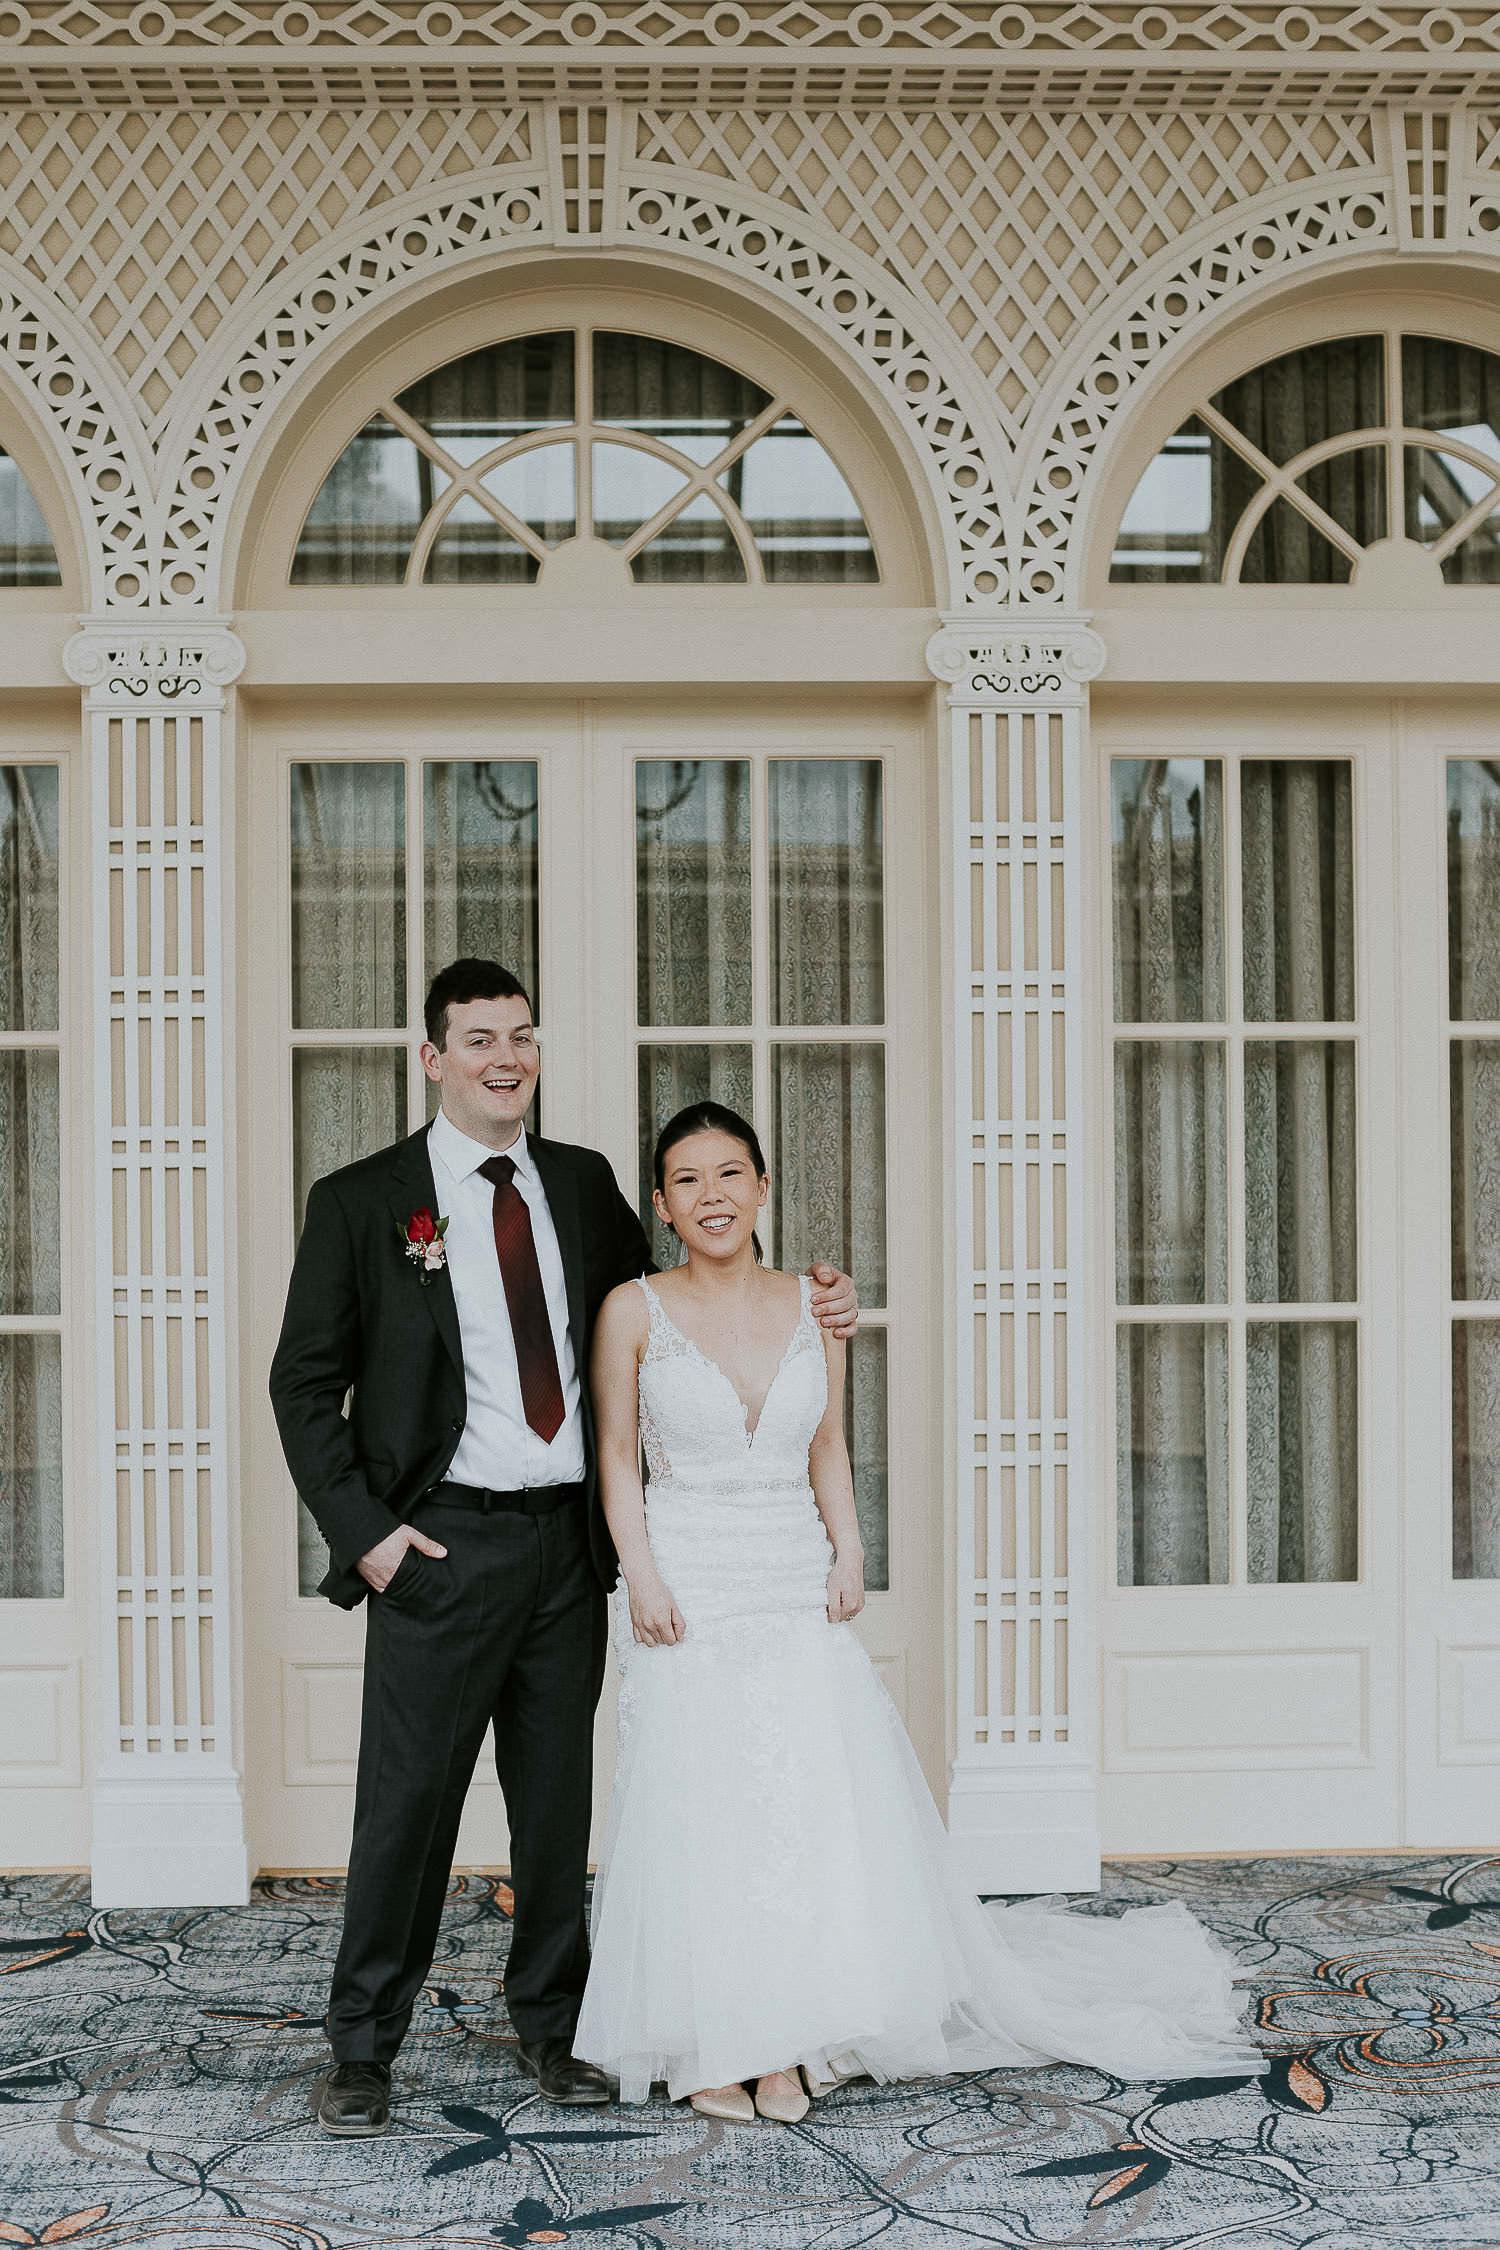 intimate-wedding-at-banff-springs-hotel-sarah-pukin-0215